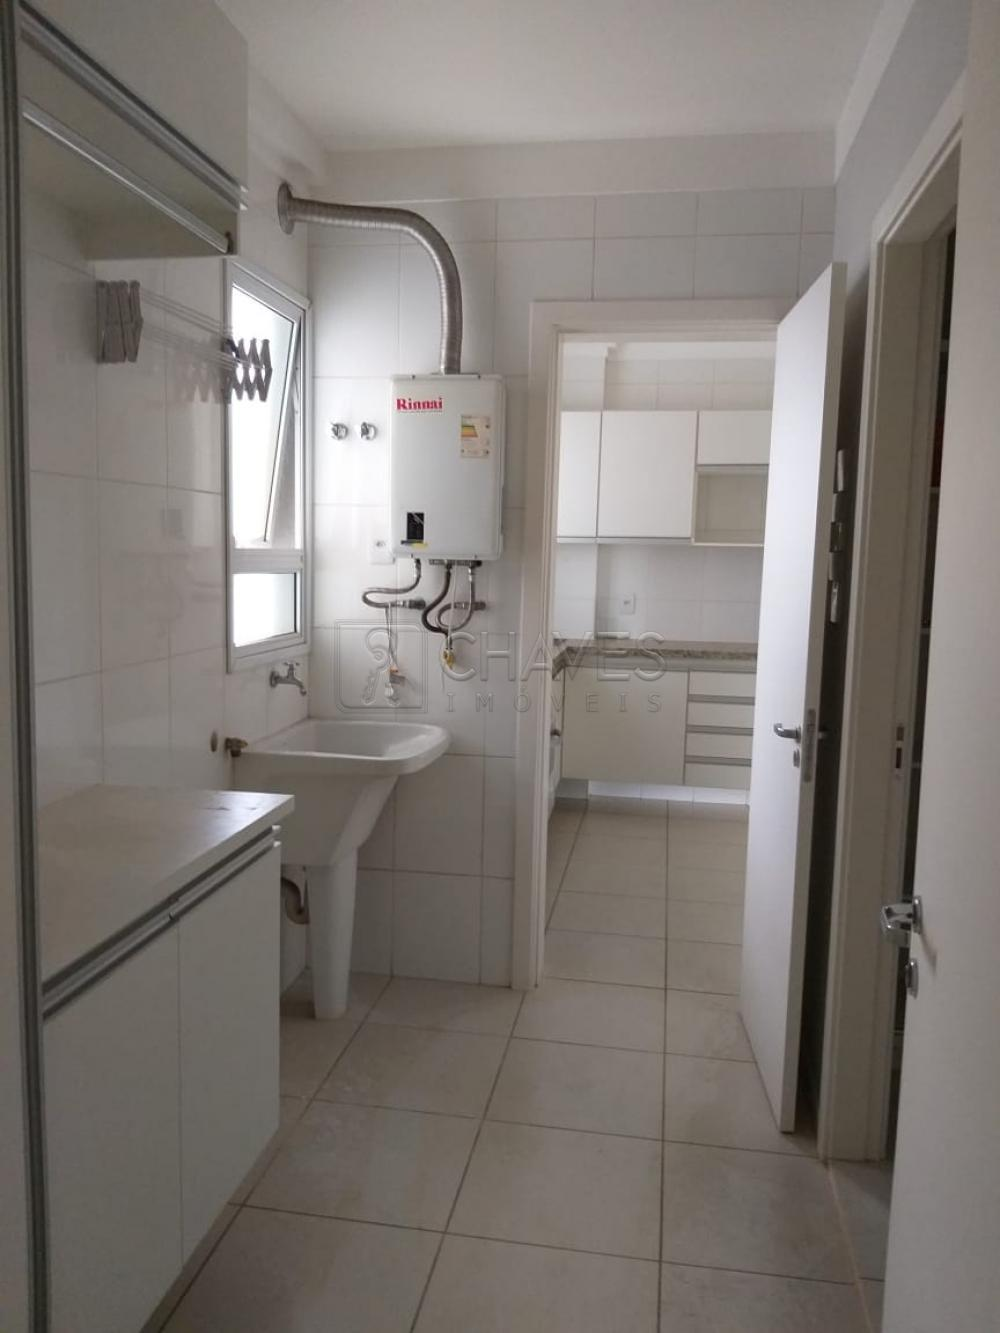 Comprar Apartamento / Padrão em Ribeirão Preto apenas R$ 590.000,00 - Foto 21